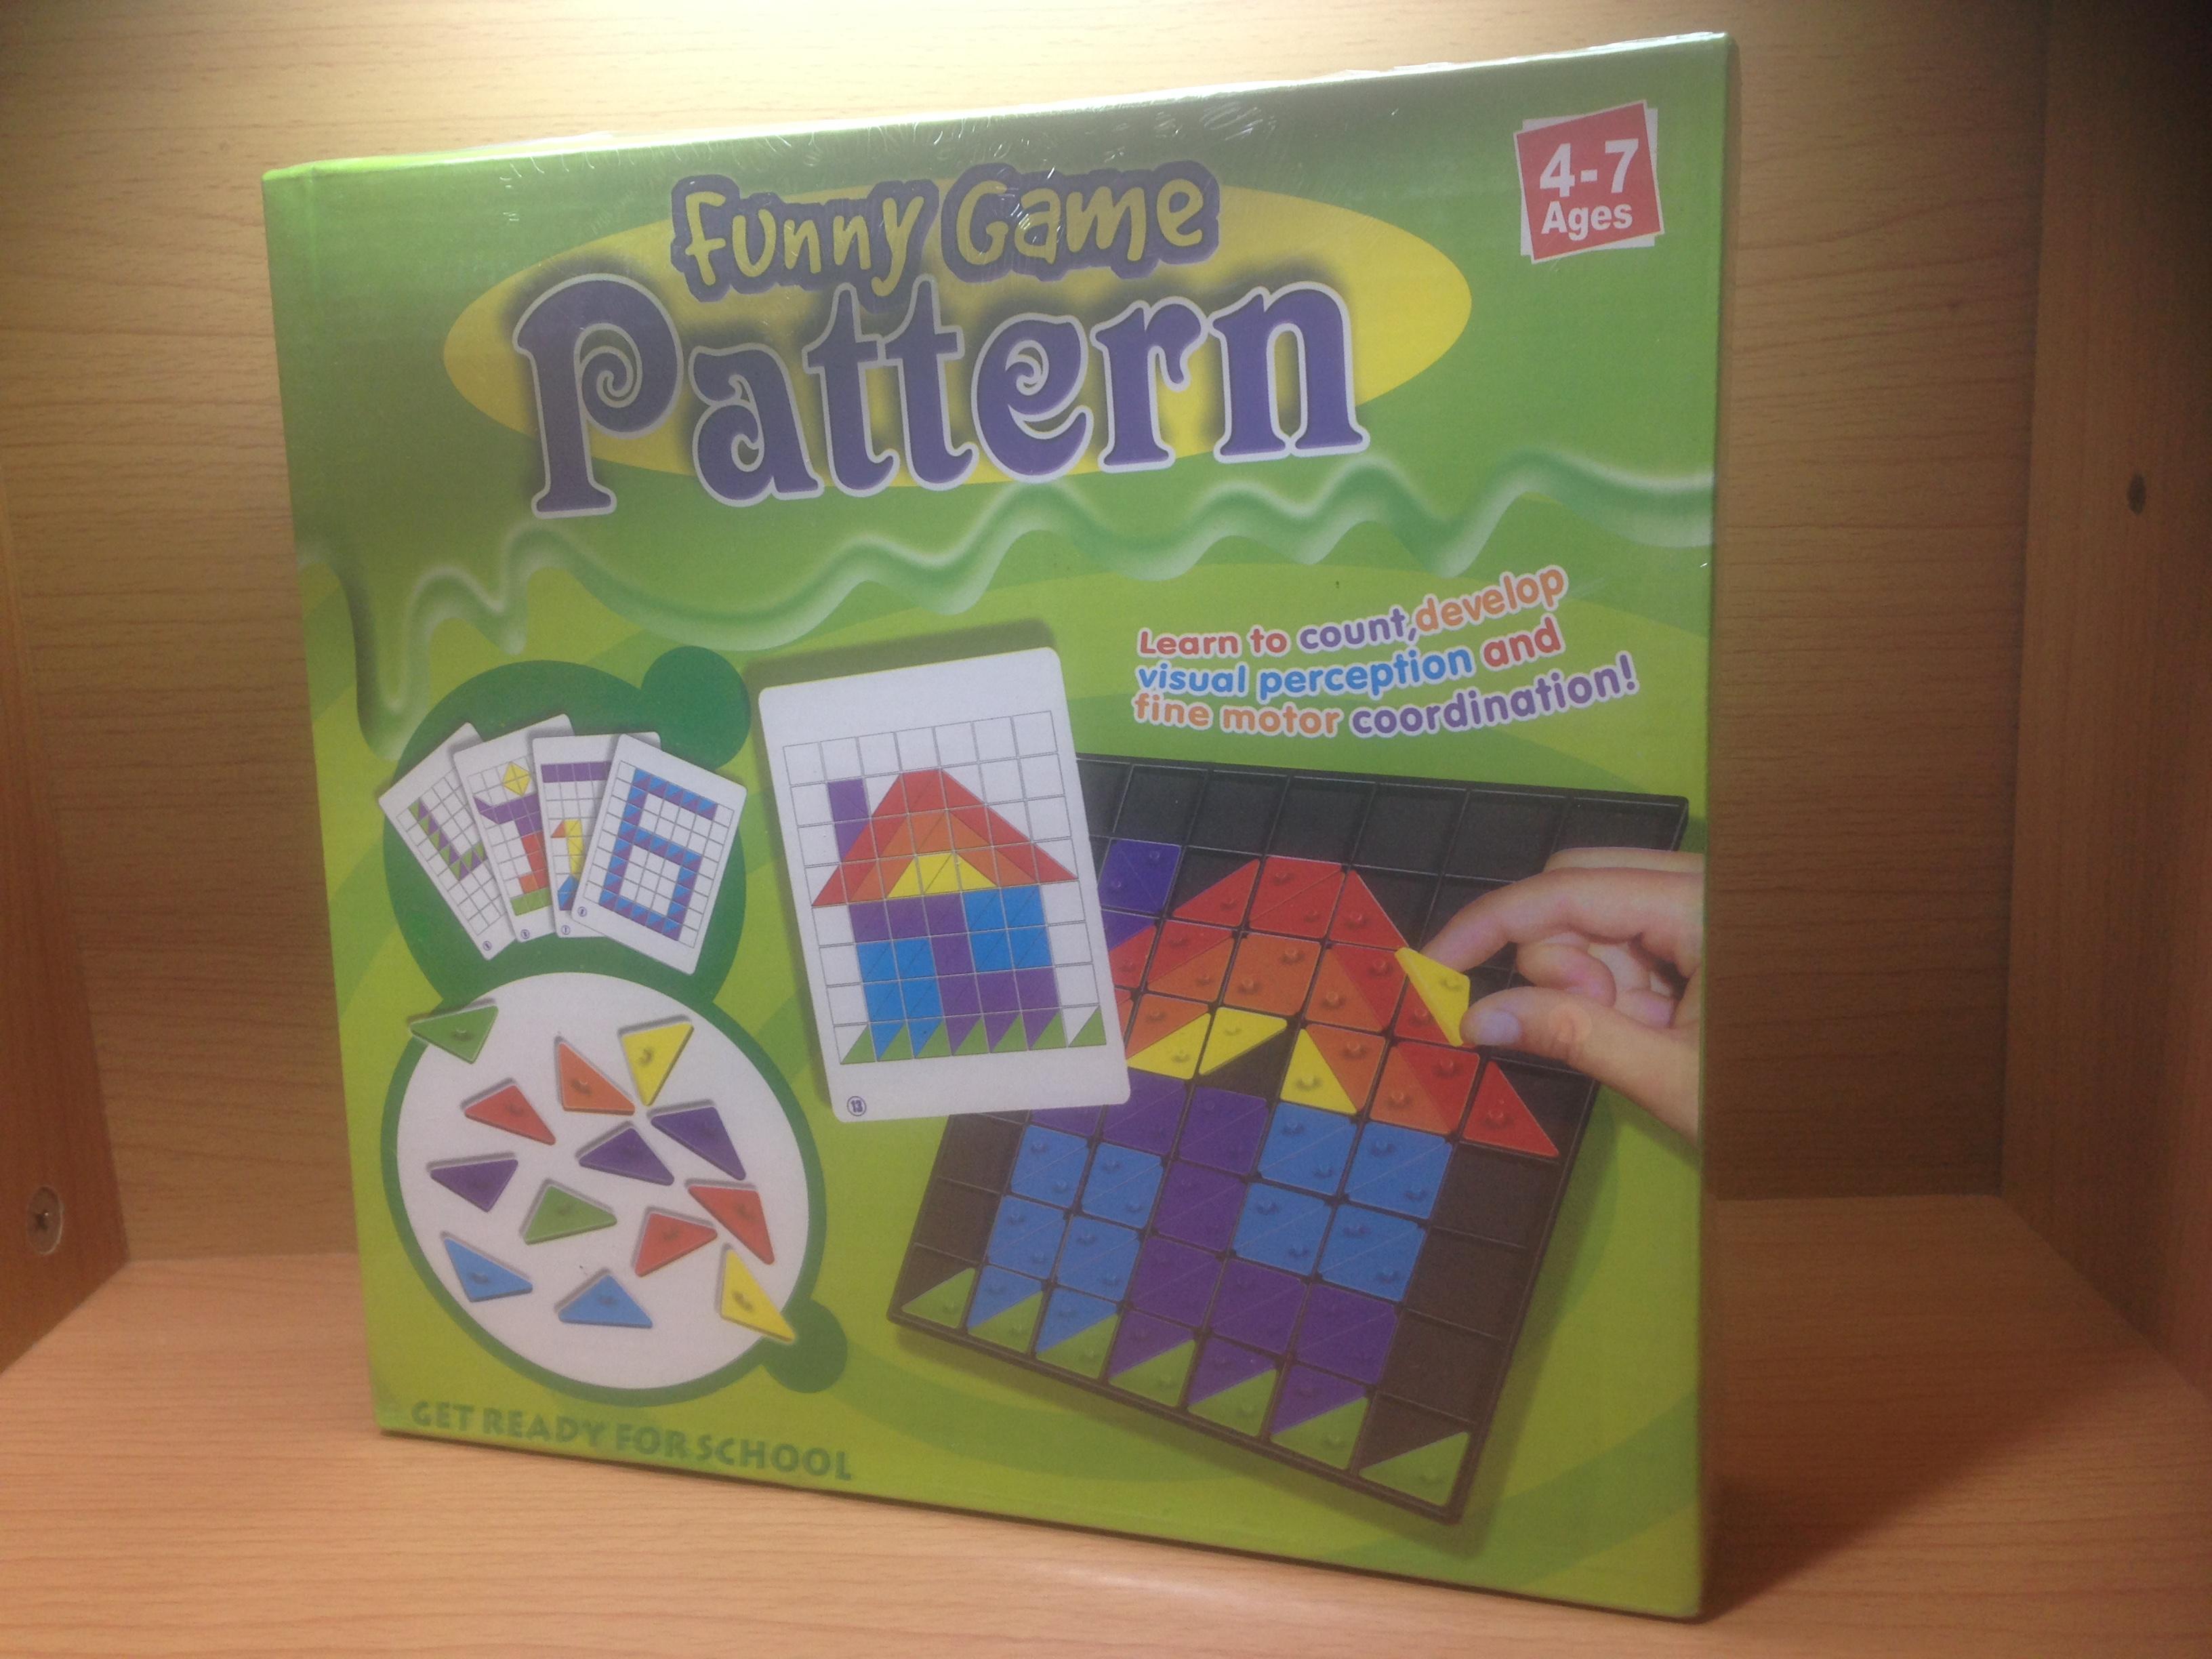 เกมต่อภาพตามแพทเทิร์น(Pattern)